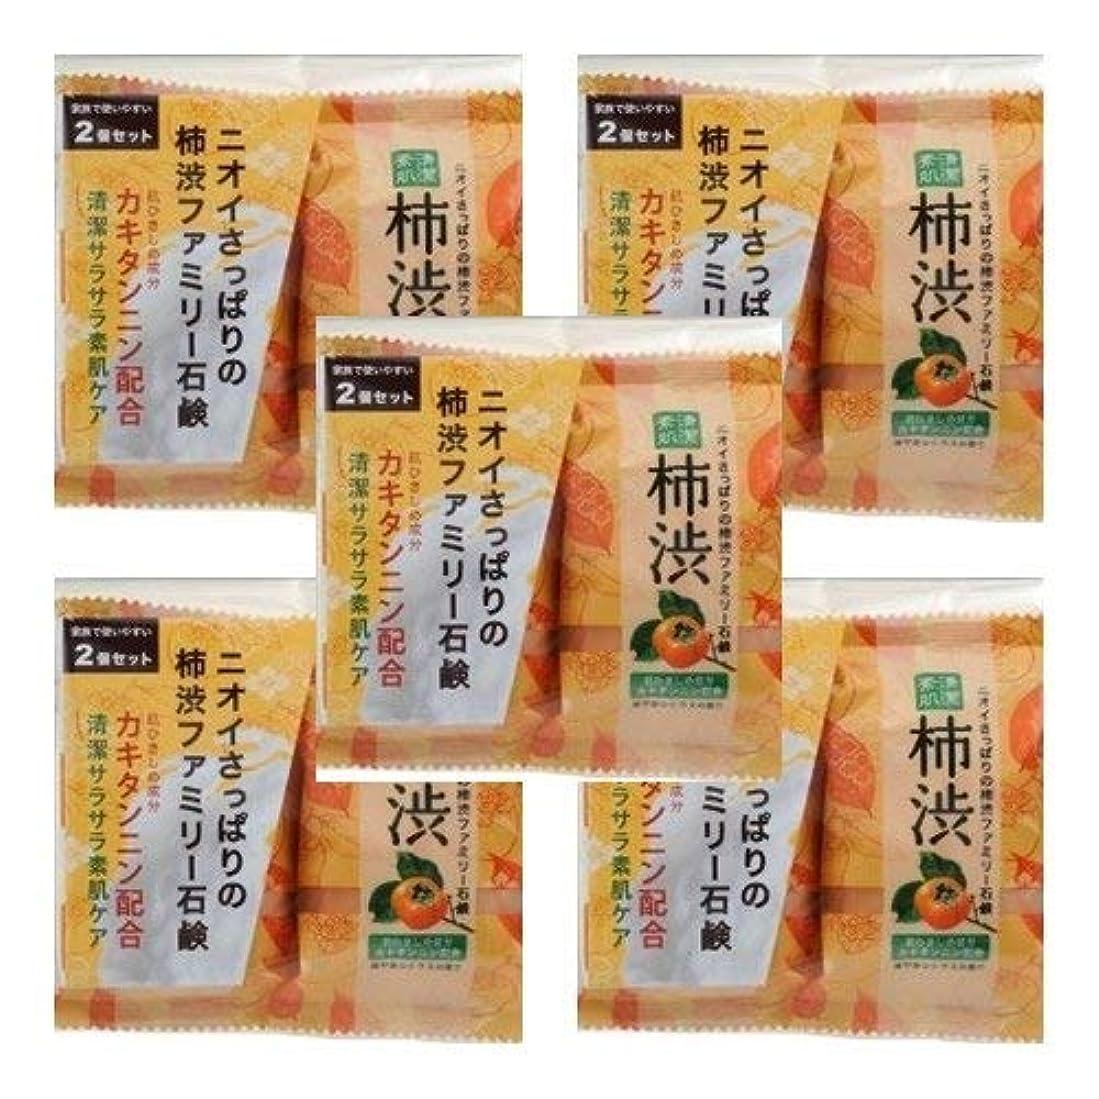 均等にお肉四ペリカン石鹸 ファミリー柿渋石けん 2個入×5点セット